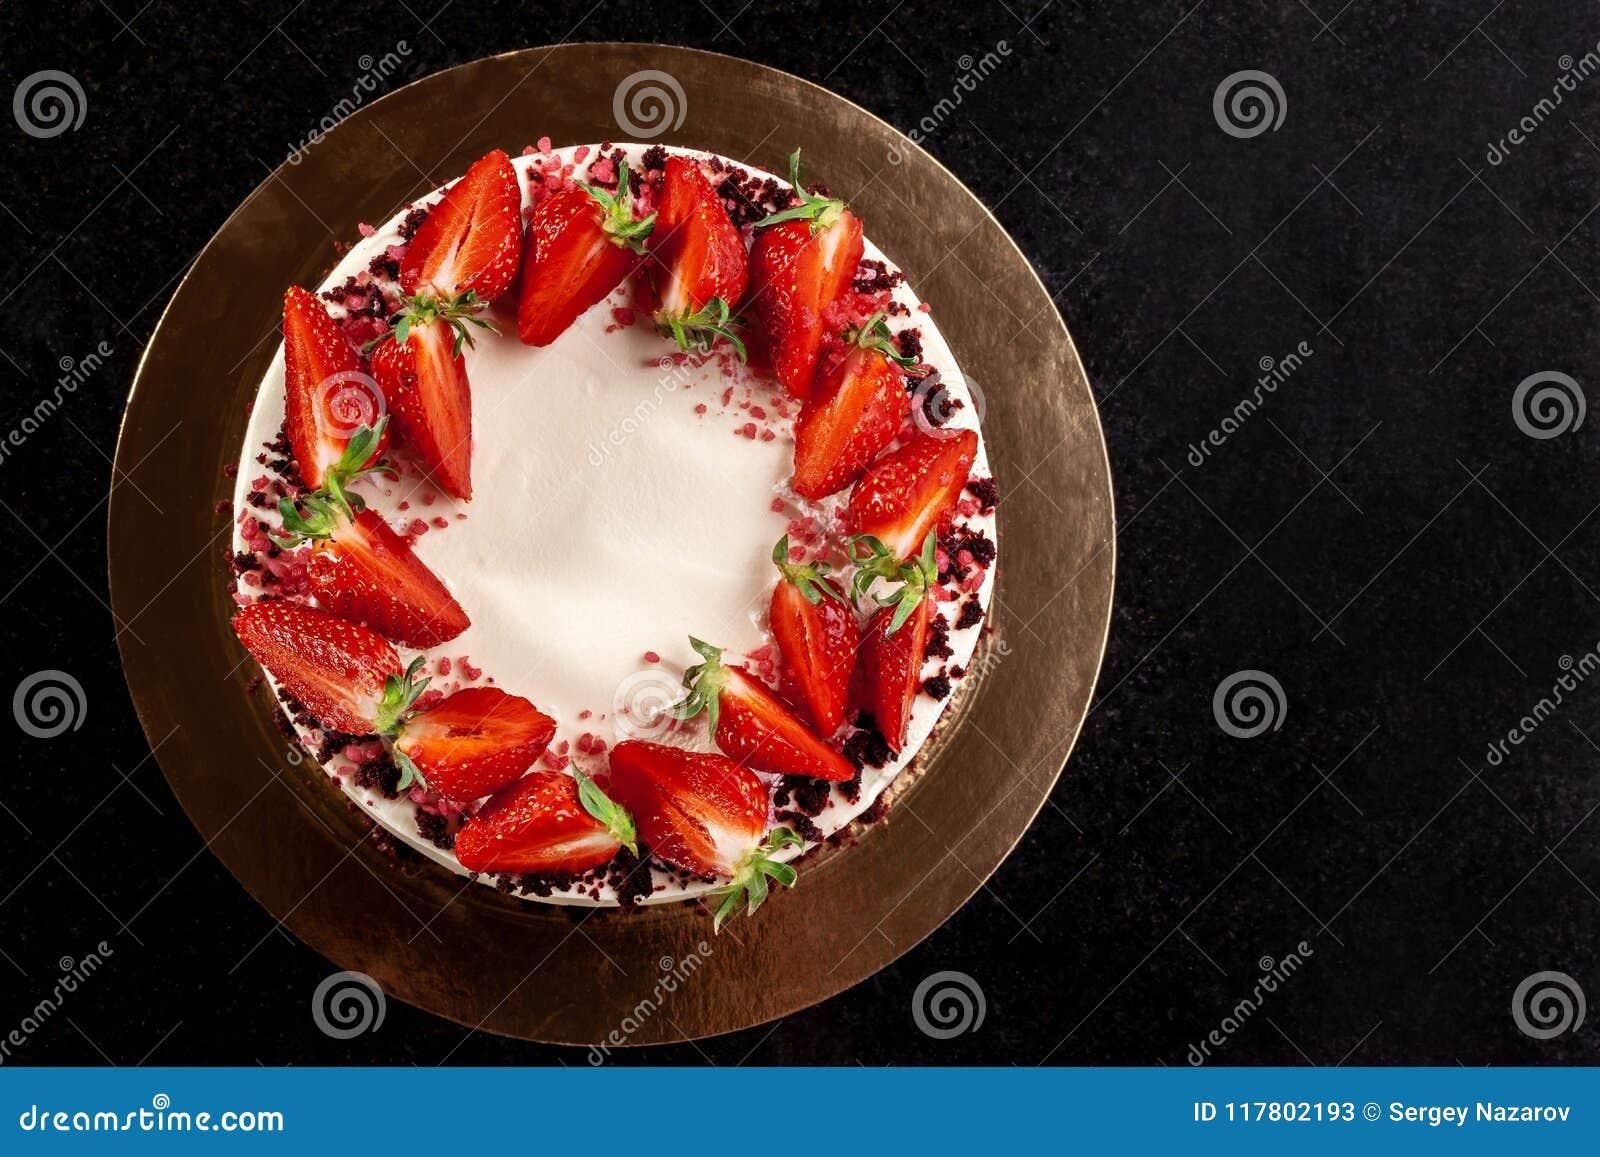 Pastel de queso con las fresas Torta adornada con las fresas Pastel de queso delicioso adornado con las fresas frescas